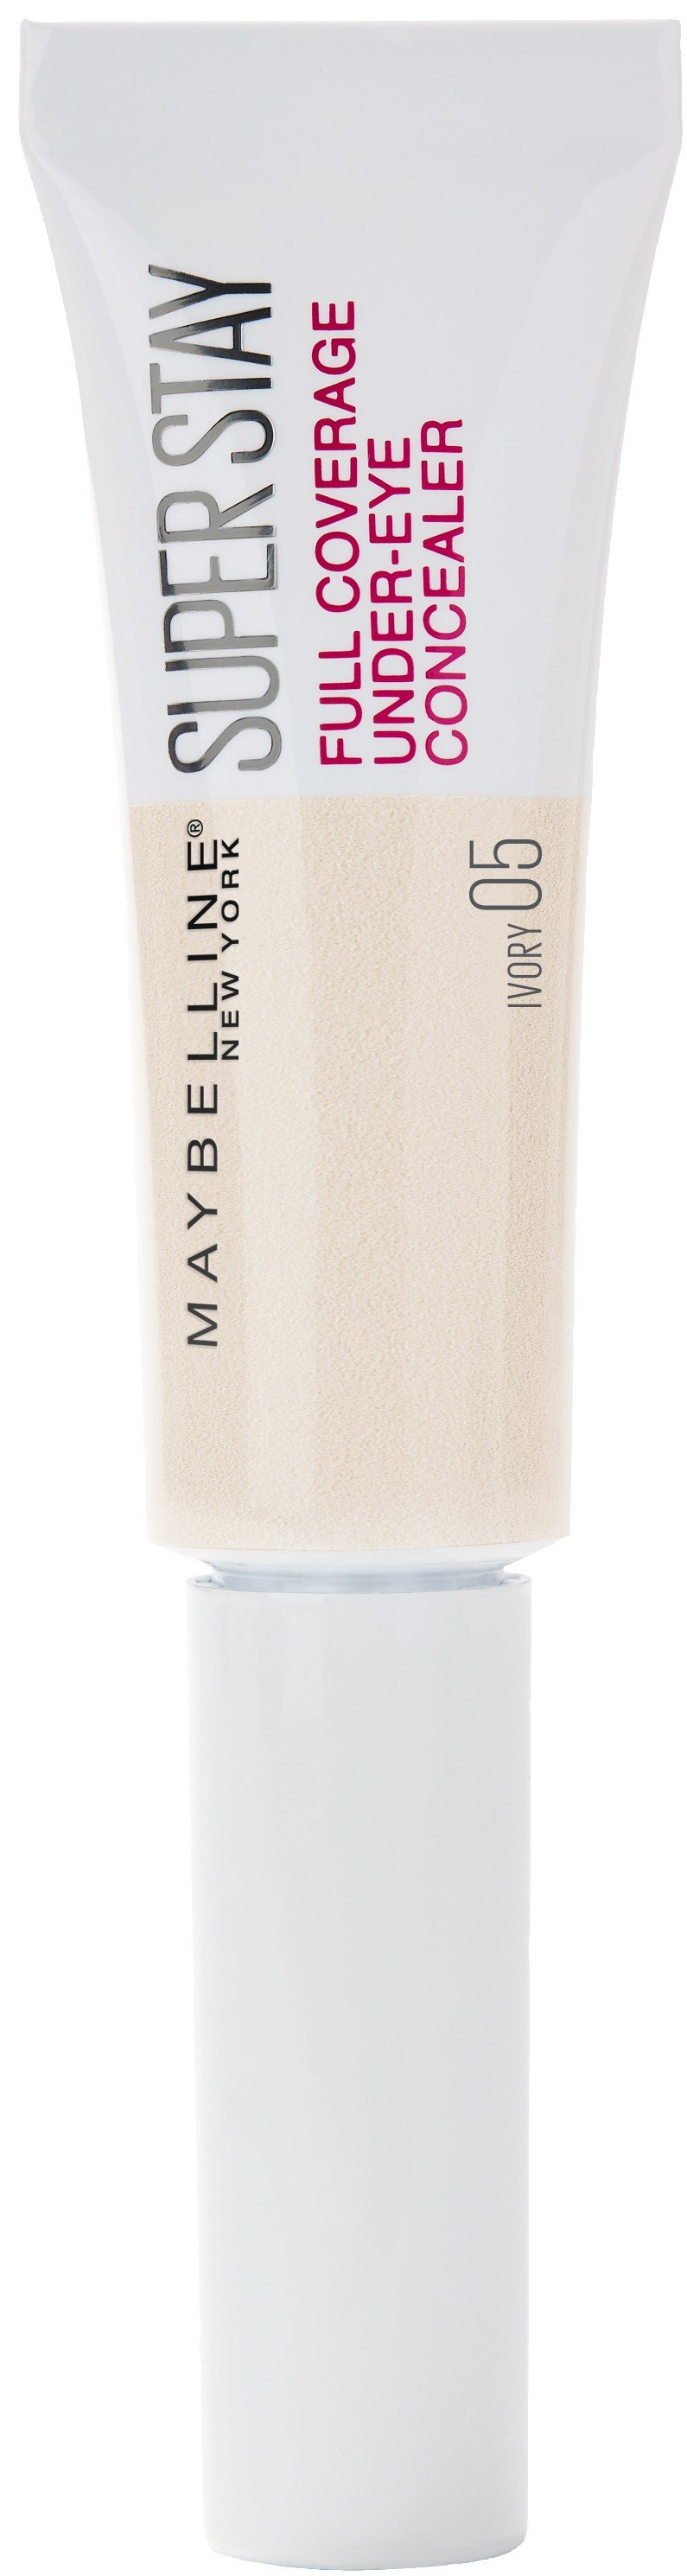 Maybelline - Superstay Full Coverage Under-Eye Concealer - 05 Ivory